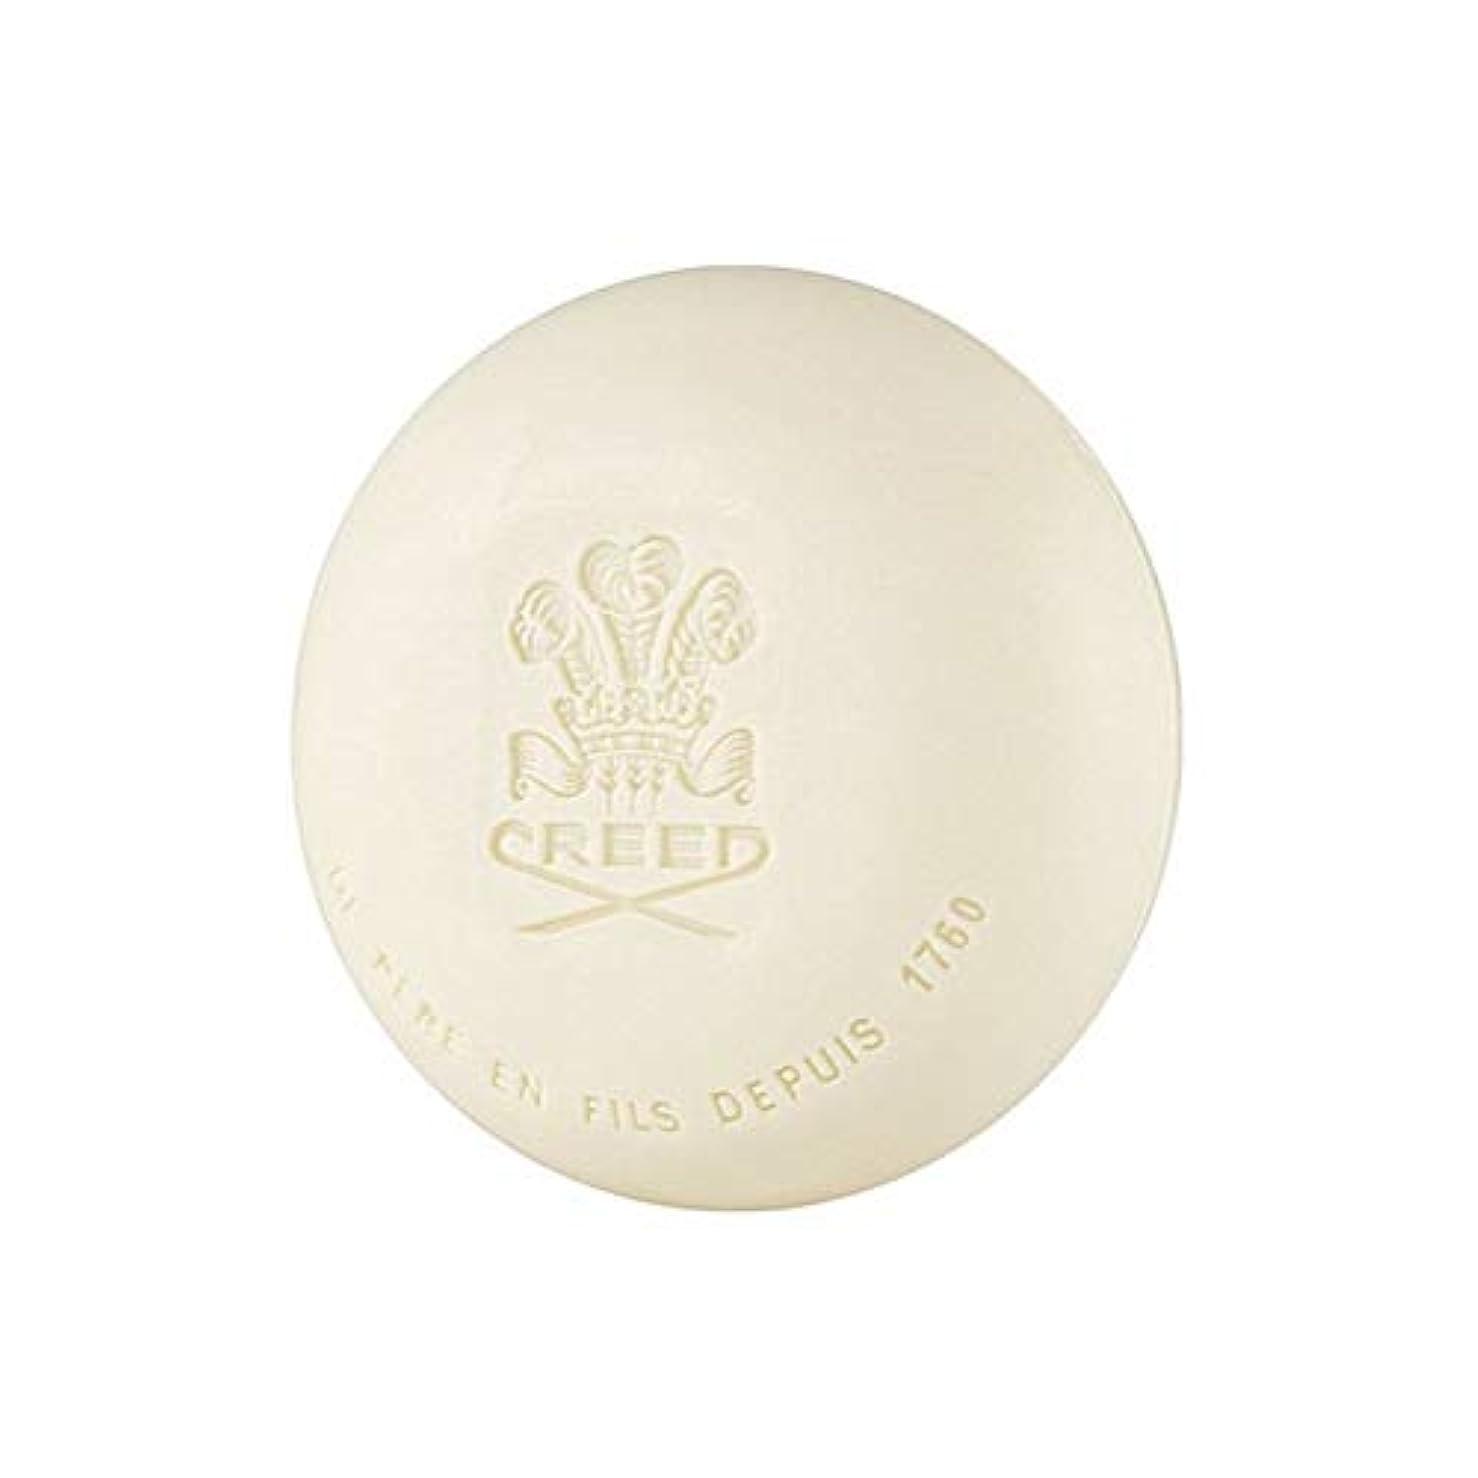 連鎖比喩おしゃれじゃない[Creed ] 信条グリーンアイリッシュツイード石鹸150グラム - Creed Green Irish Tweed Soap 150G [並行輸入品]